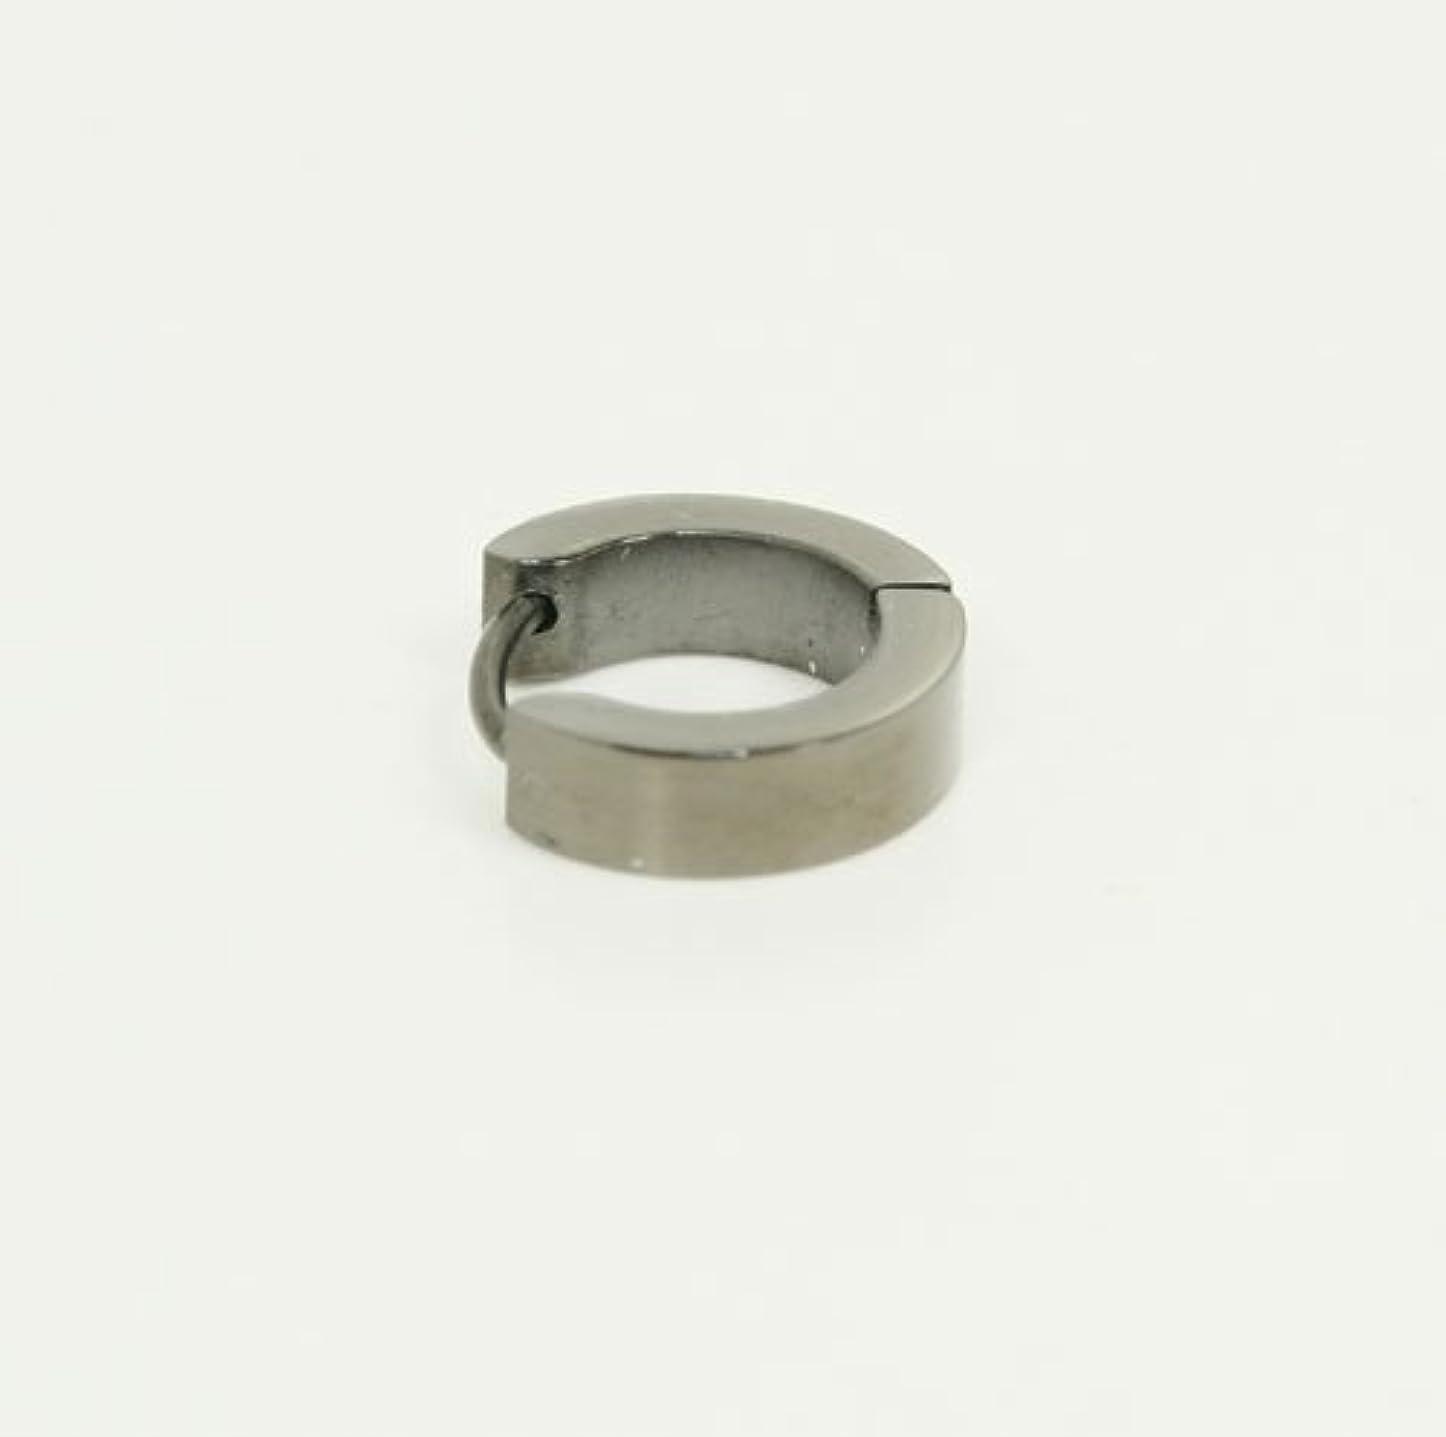 想像する圧倒的切り離す金属アレルギーの方も安心 サージカルスチール 日本製 メンズユニセックスデザインピアス (1個) #YZU012#MN400-05